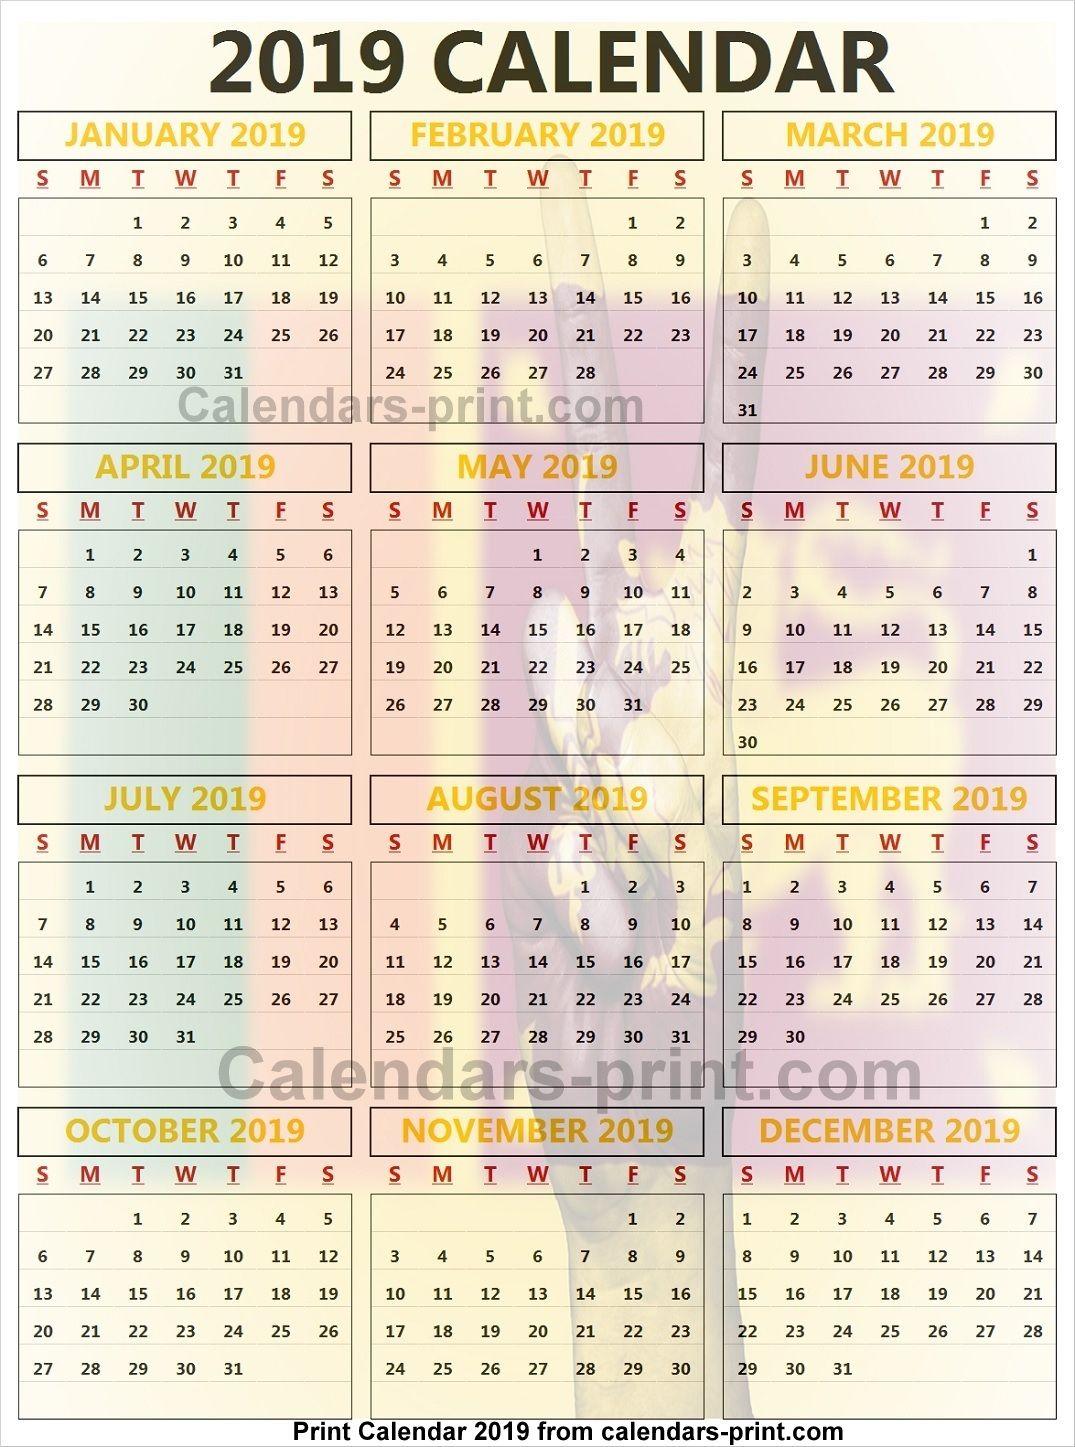 Calendar 2019 Excel Singapore